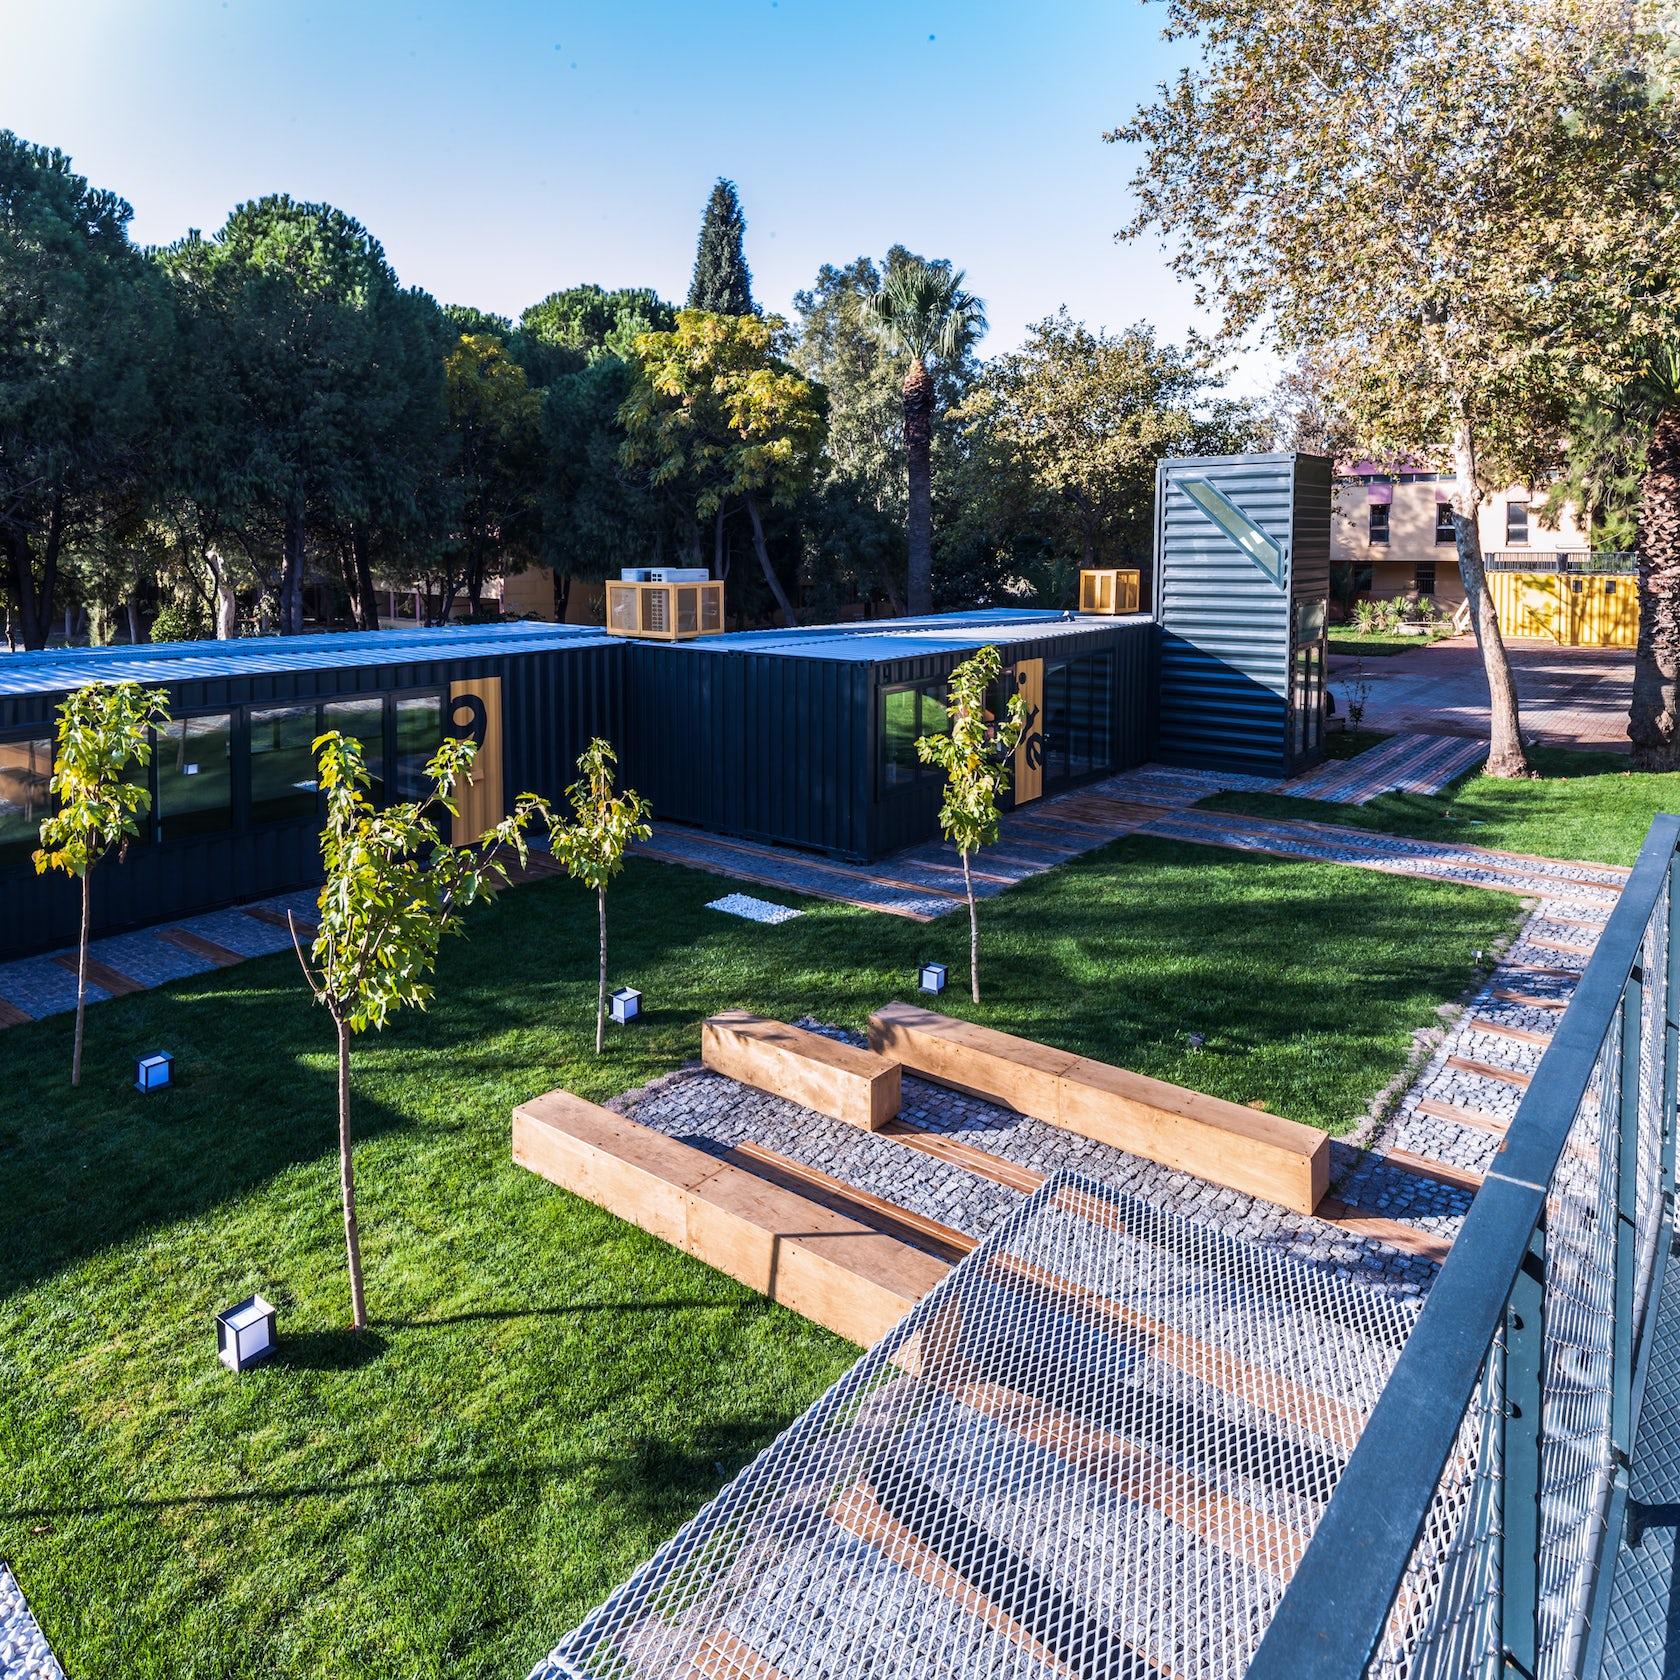 Container park architizer for 60 park terrace west